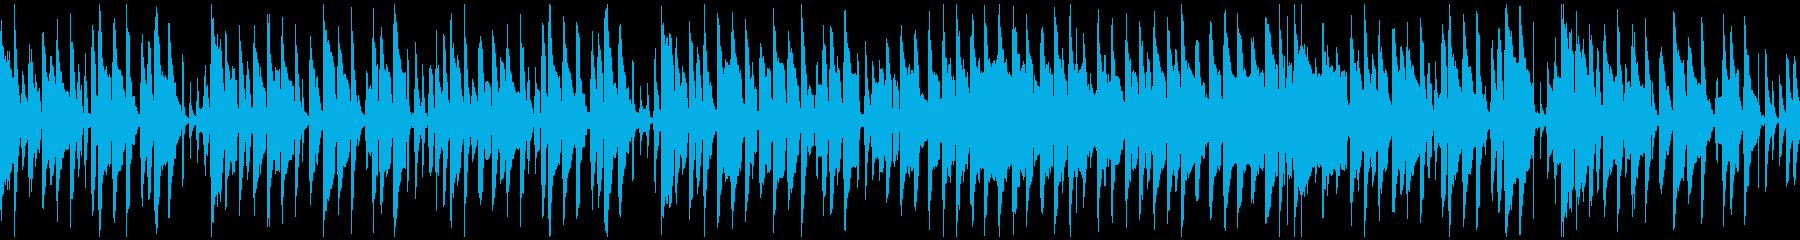 ゆるいリコーダーとピアノの劇伴※ループ版の再生済みの波形